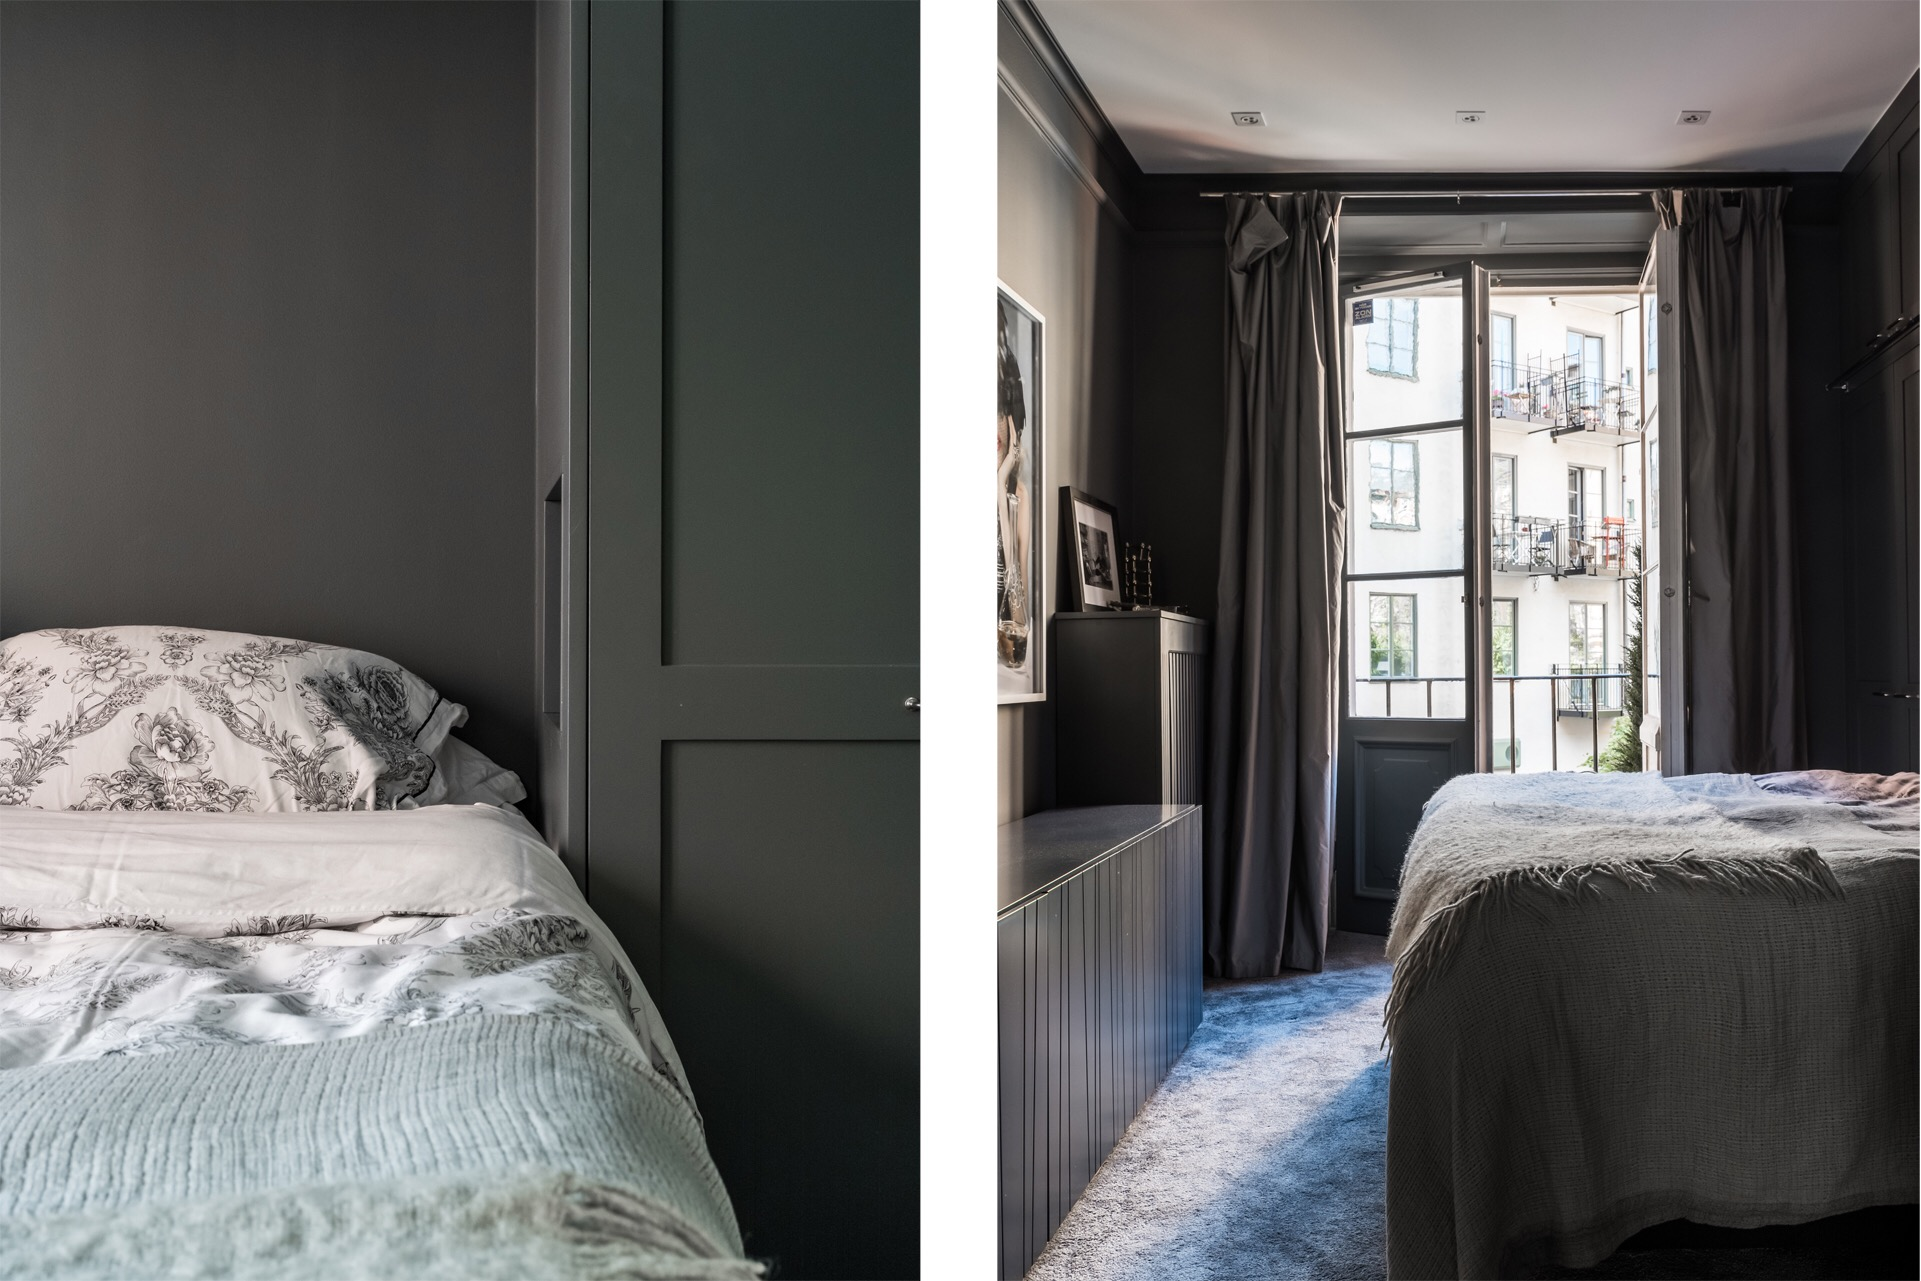 спальня кровать изголовье шкаф комод двери балкон